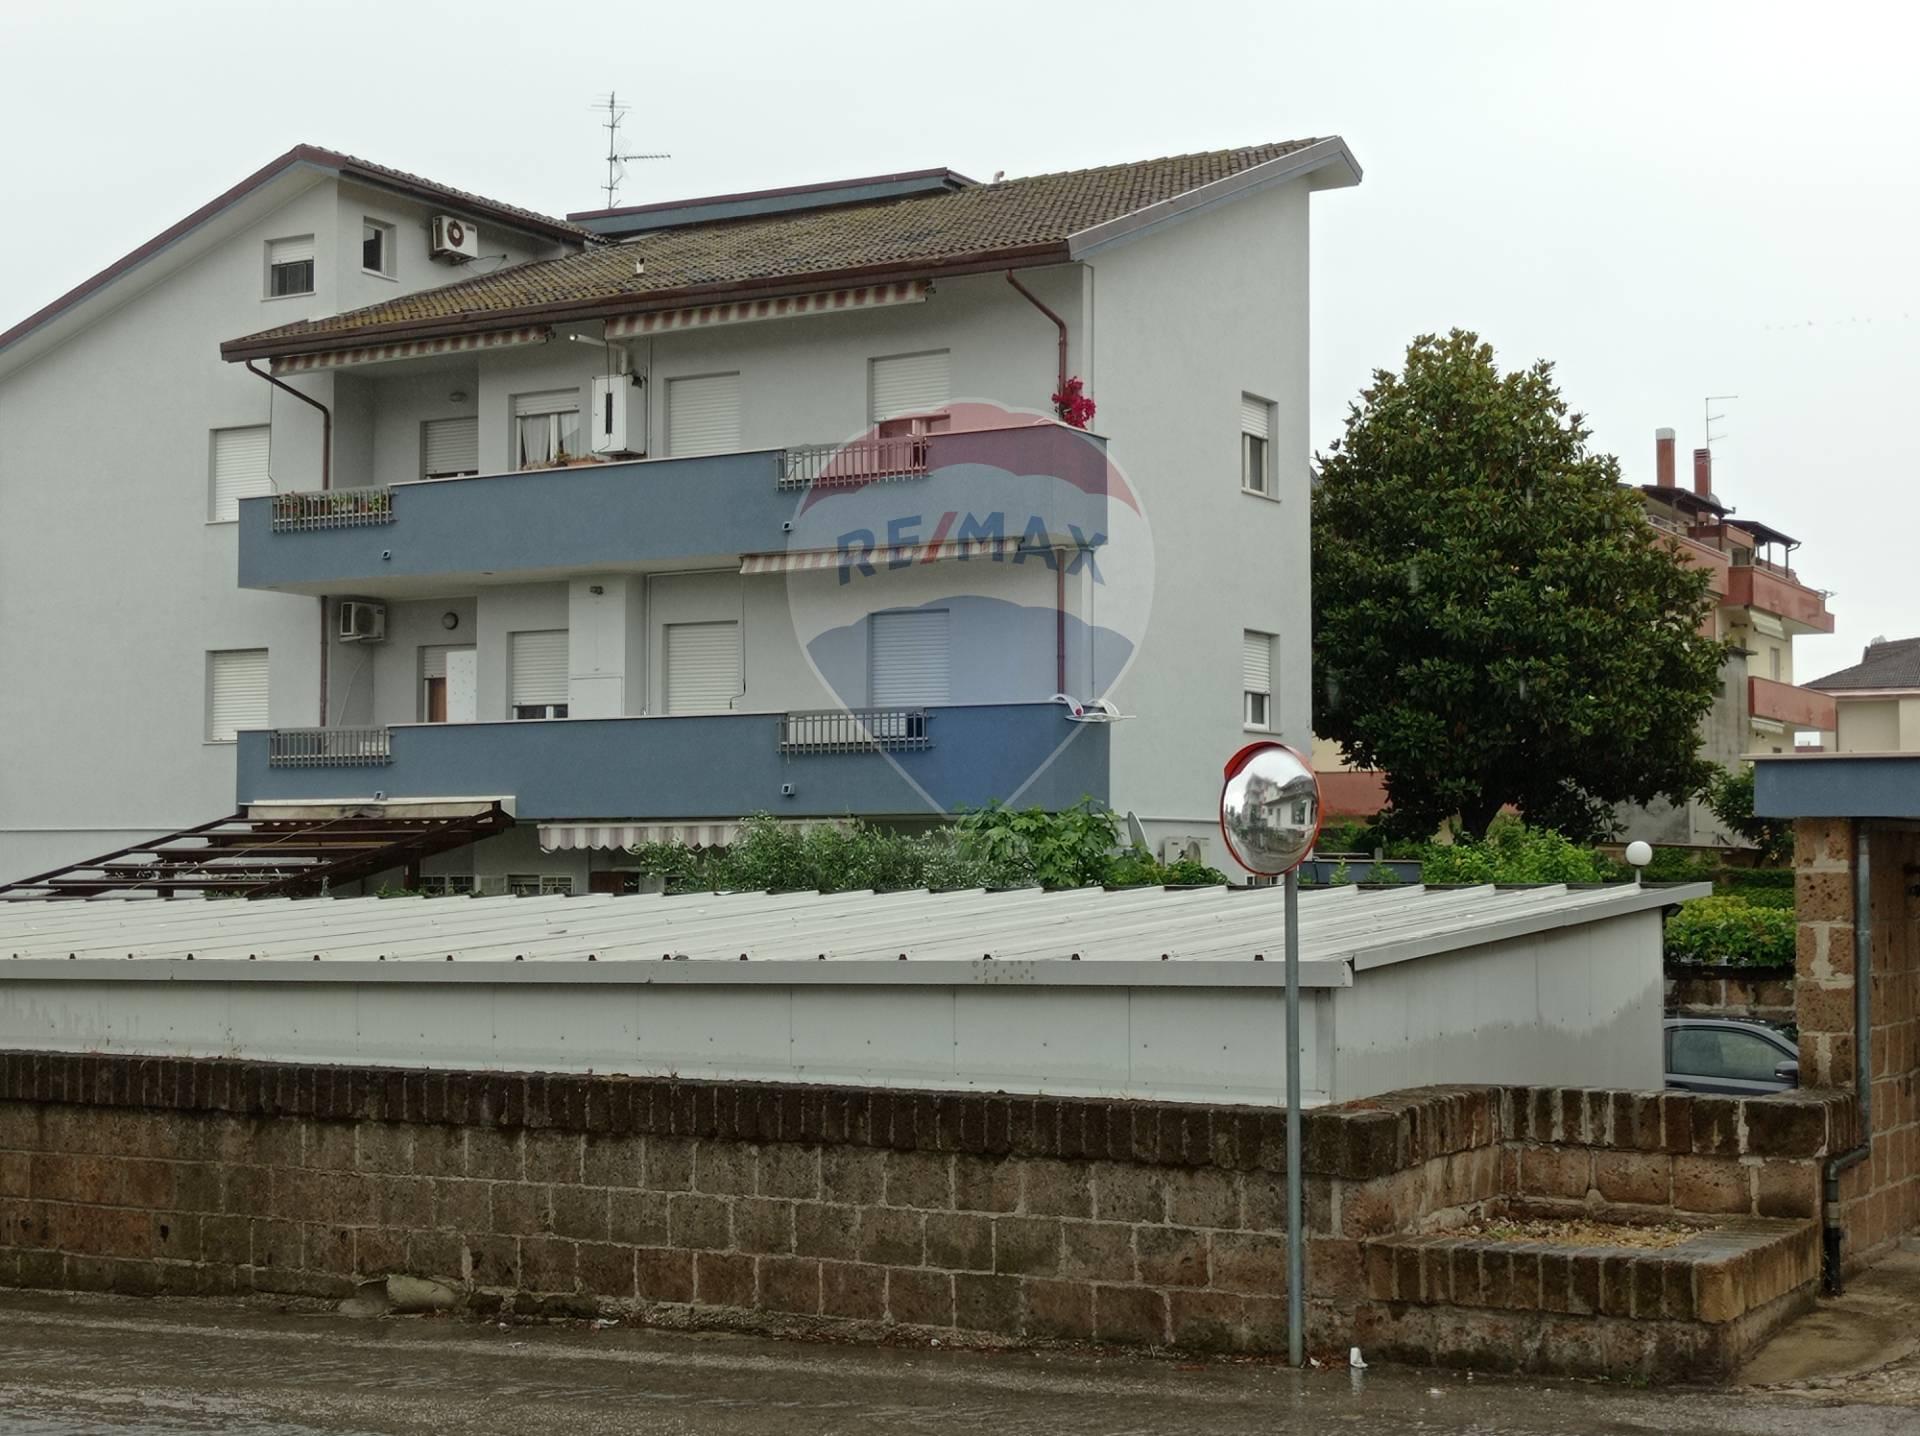 Appartamento in vendita a Francavilla al Mare, 6 locali, zona Località: EspansioneNord, prezzo € 159.000   CambioCasa.it